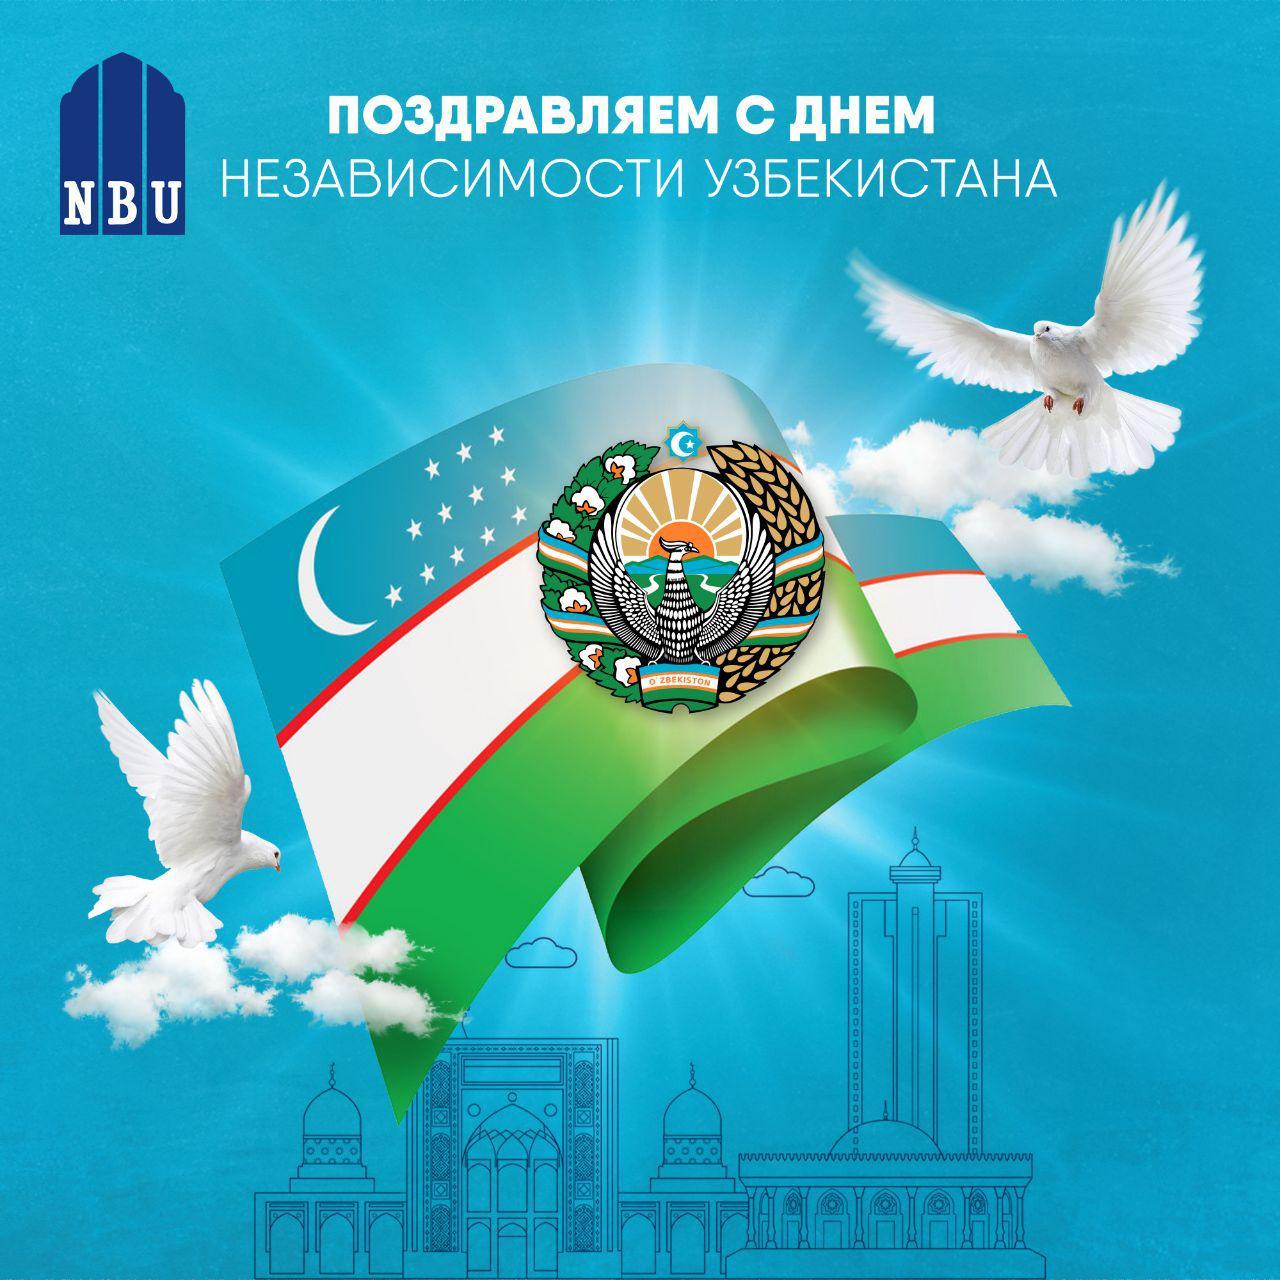 картинки с днем независимости узбекистана старается использовать